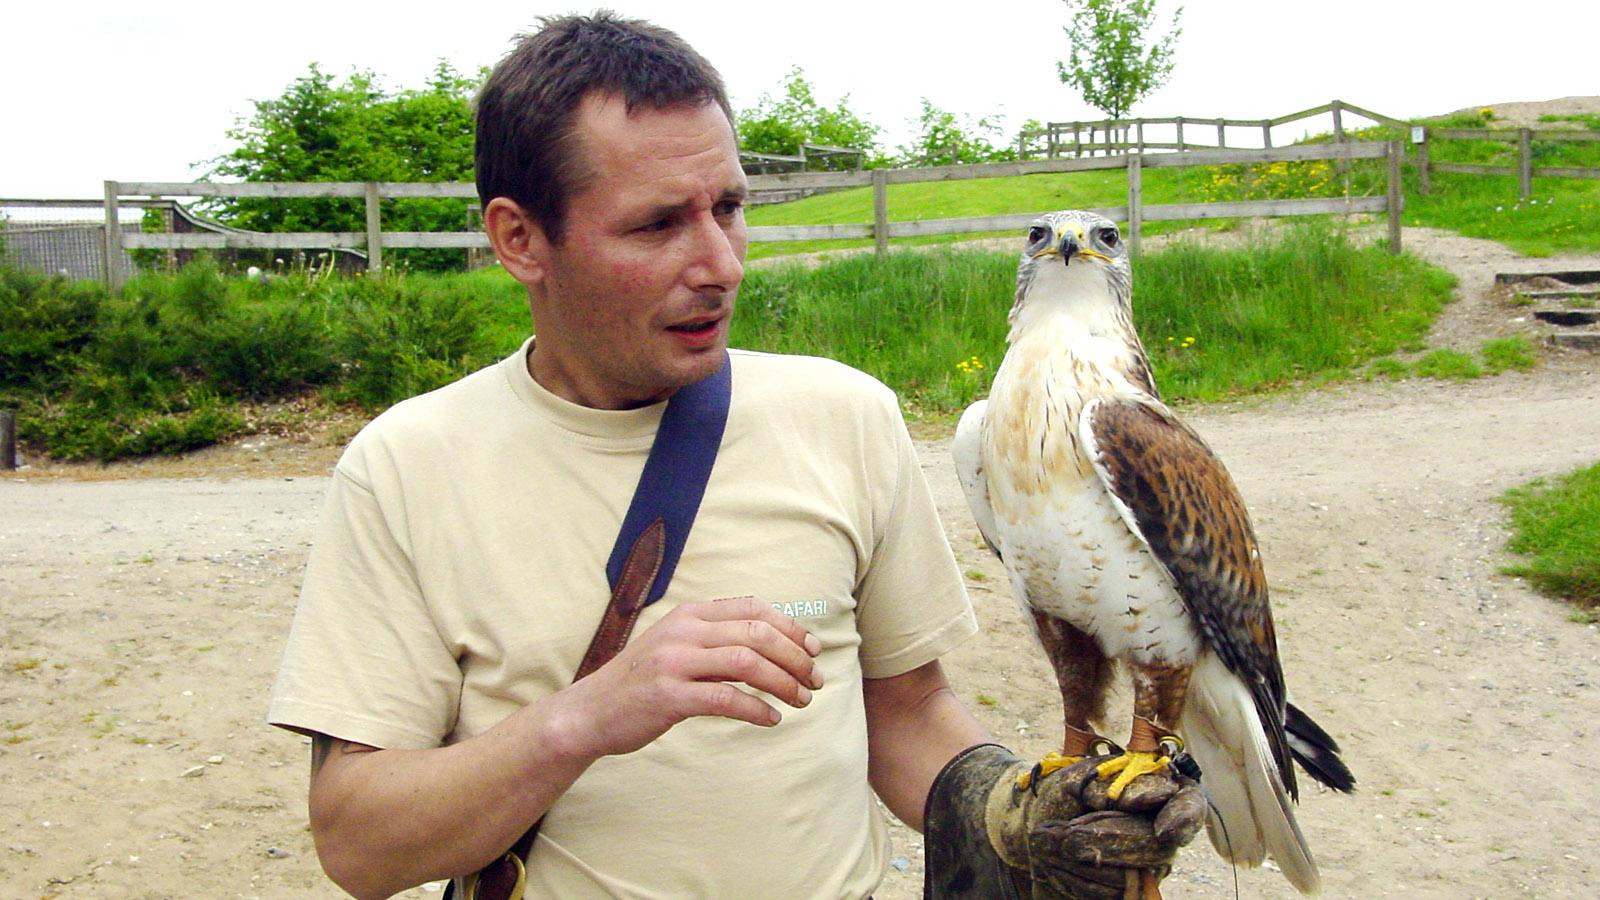 Djursland: Ebeltoft Zoo: Ein Falkner präsentiert einen Raubvogel.Foto: Hilke Maunder